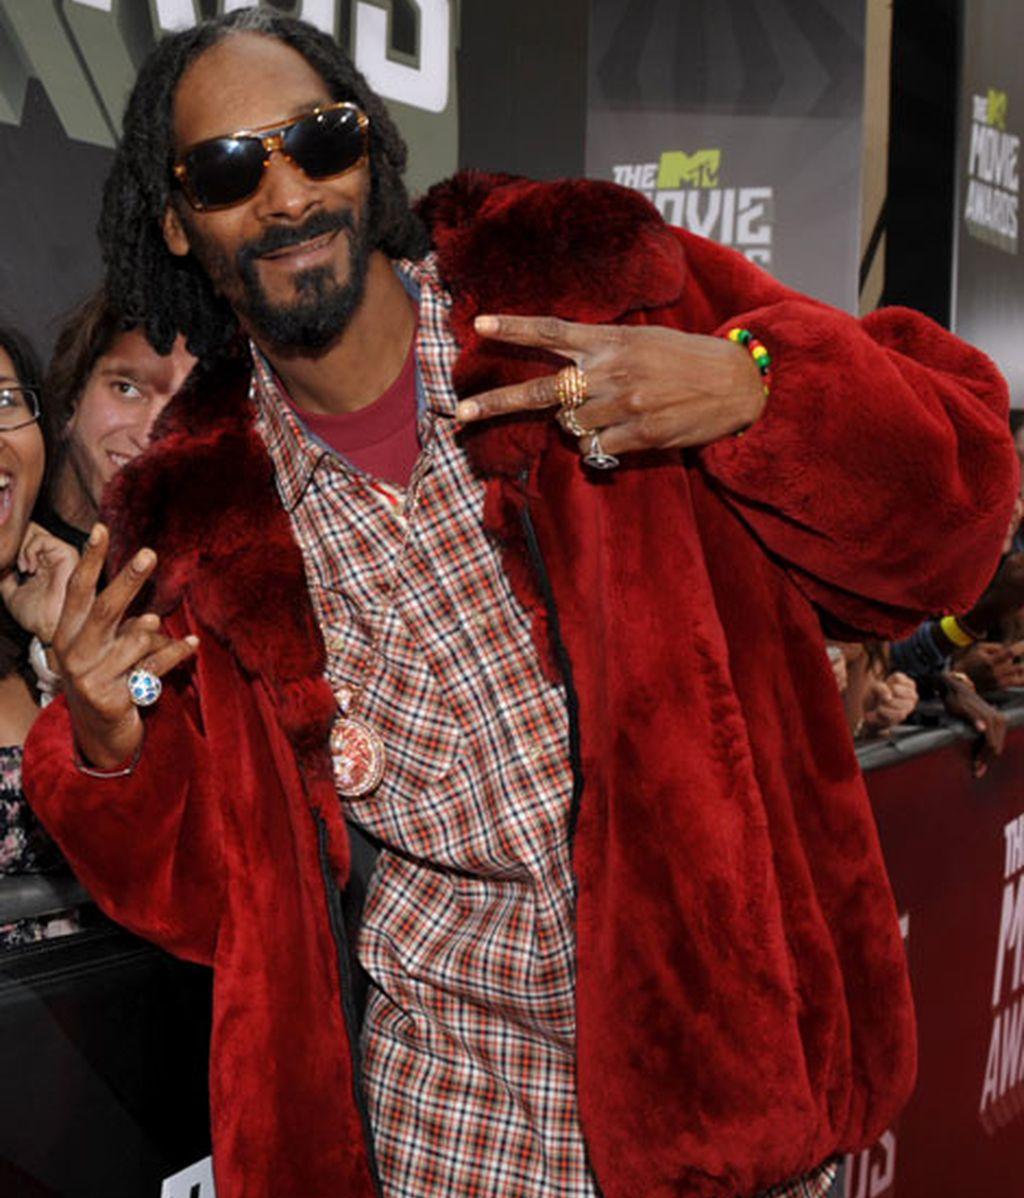 El cantante Snoop Lion llevó un abrigo de pelo rojo